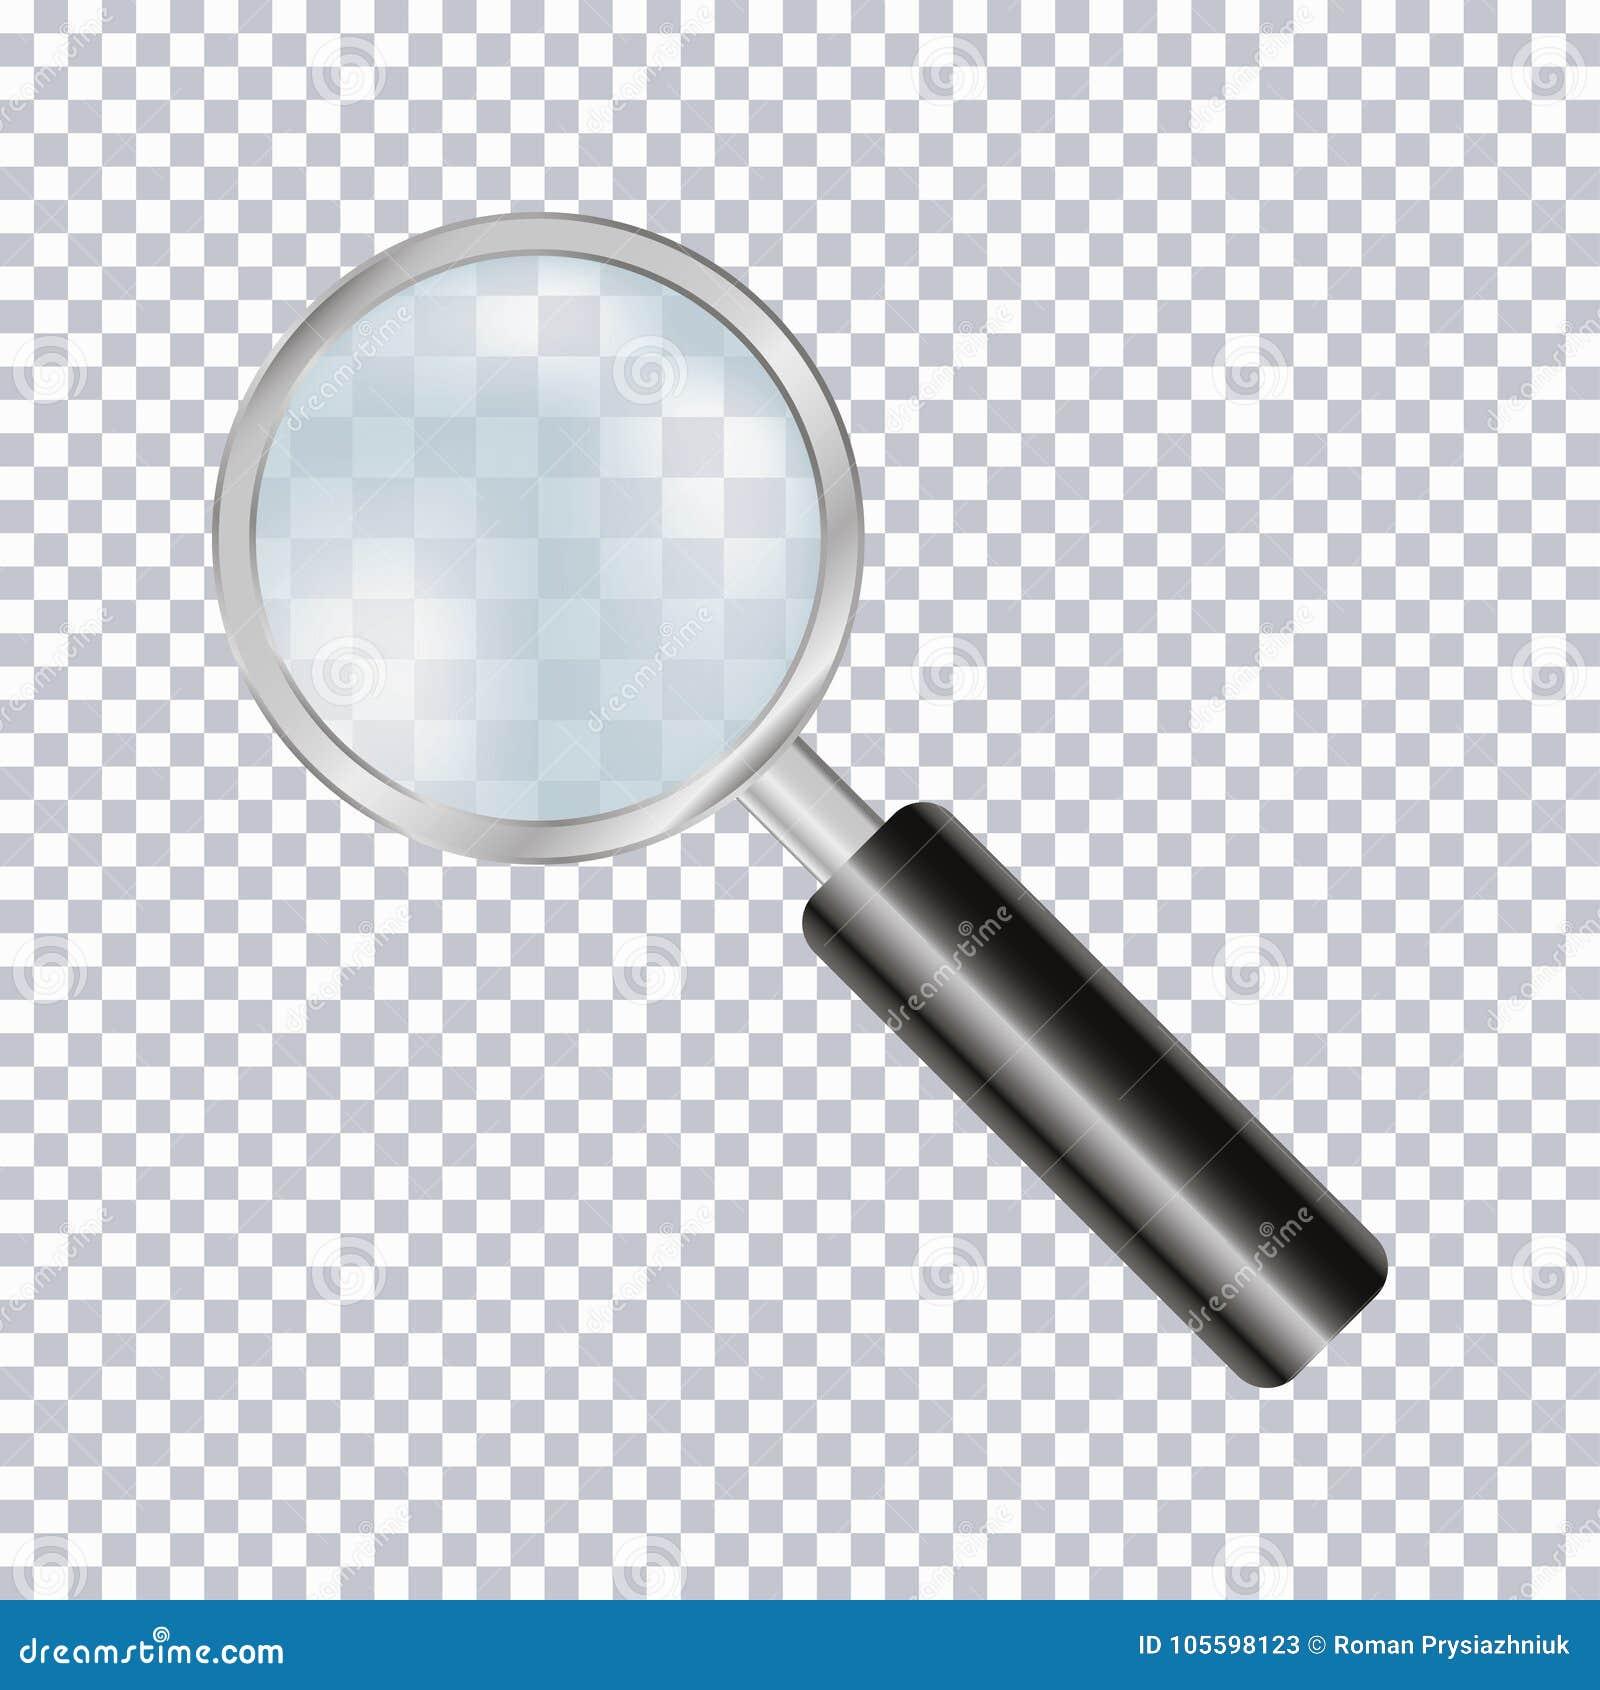 Ενίσχυση - γυαλί ρεαλιστικό που απομονώνει στο διαφανές υπόβαθρο διάνυσμα